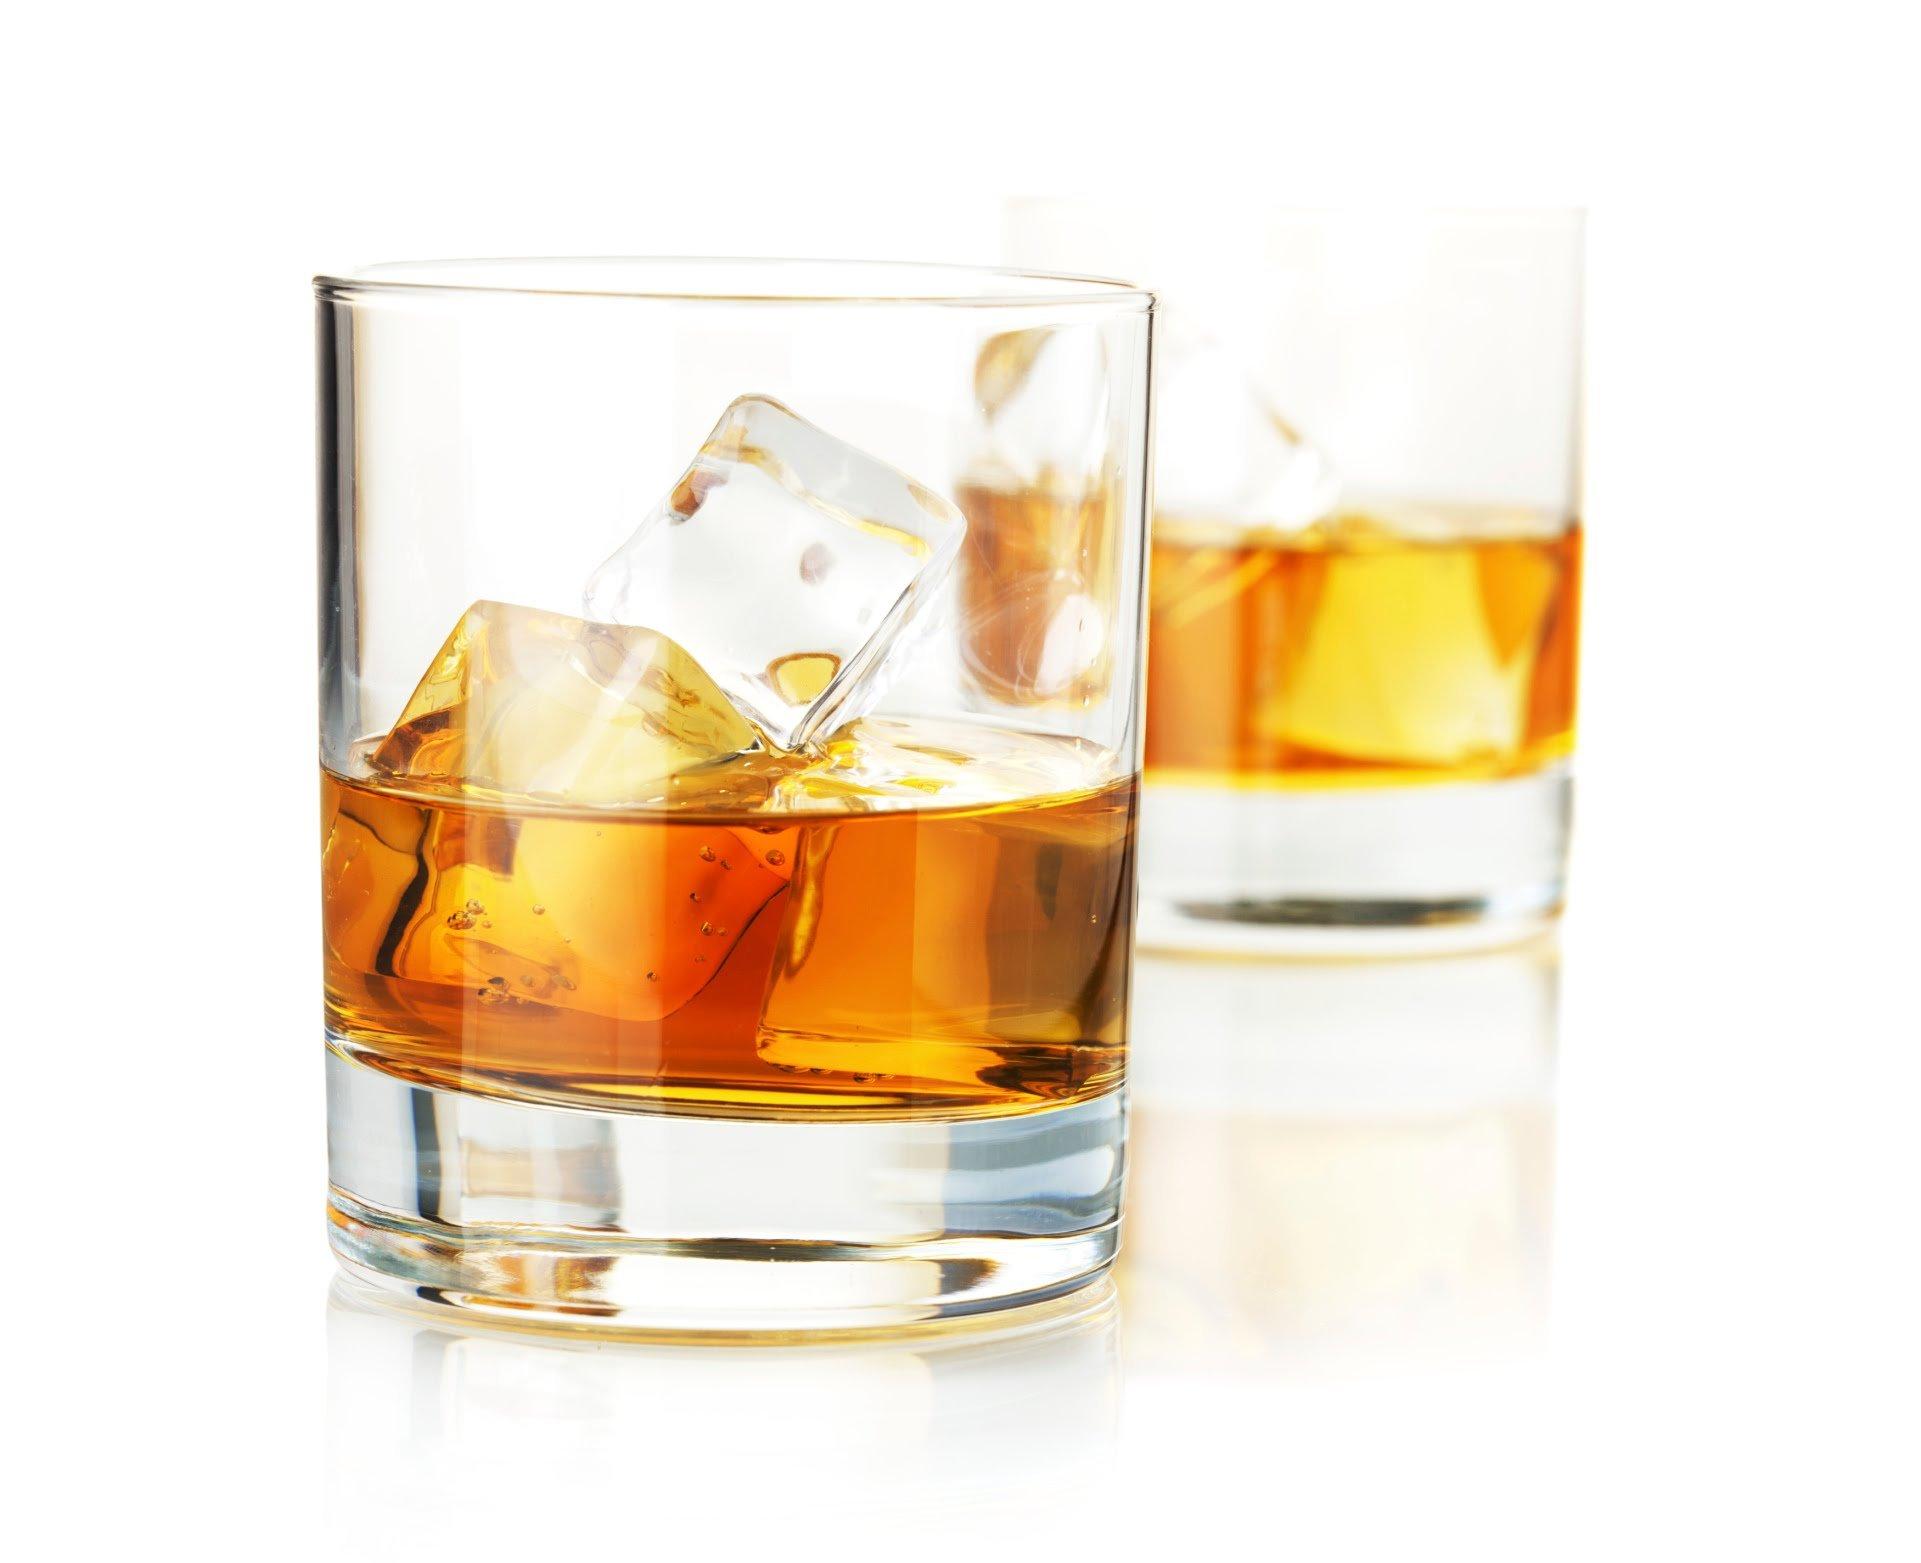 D Whisky Glass Psd File